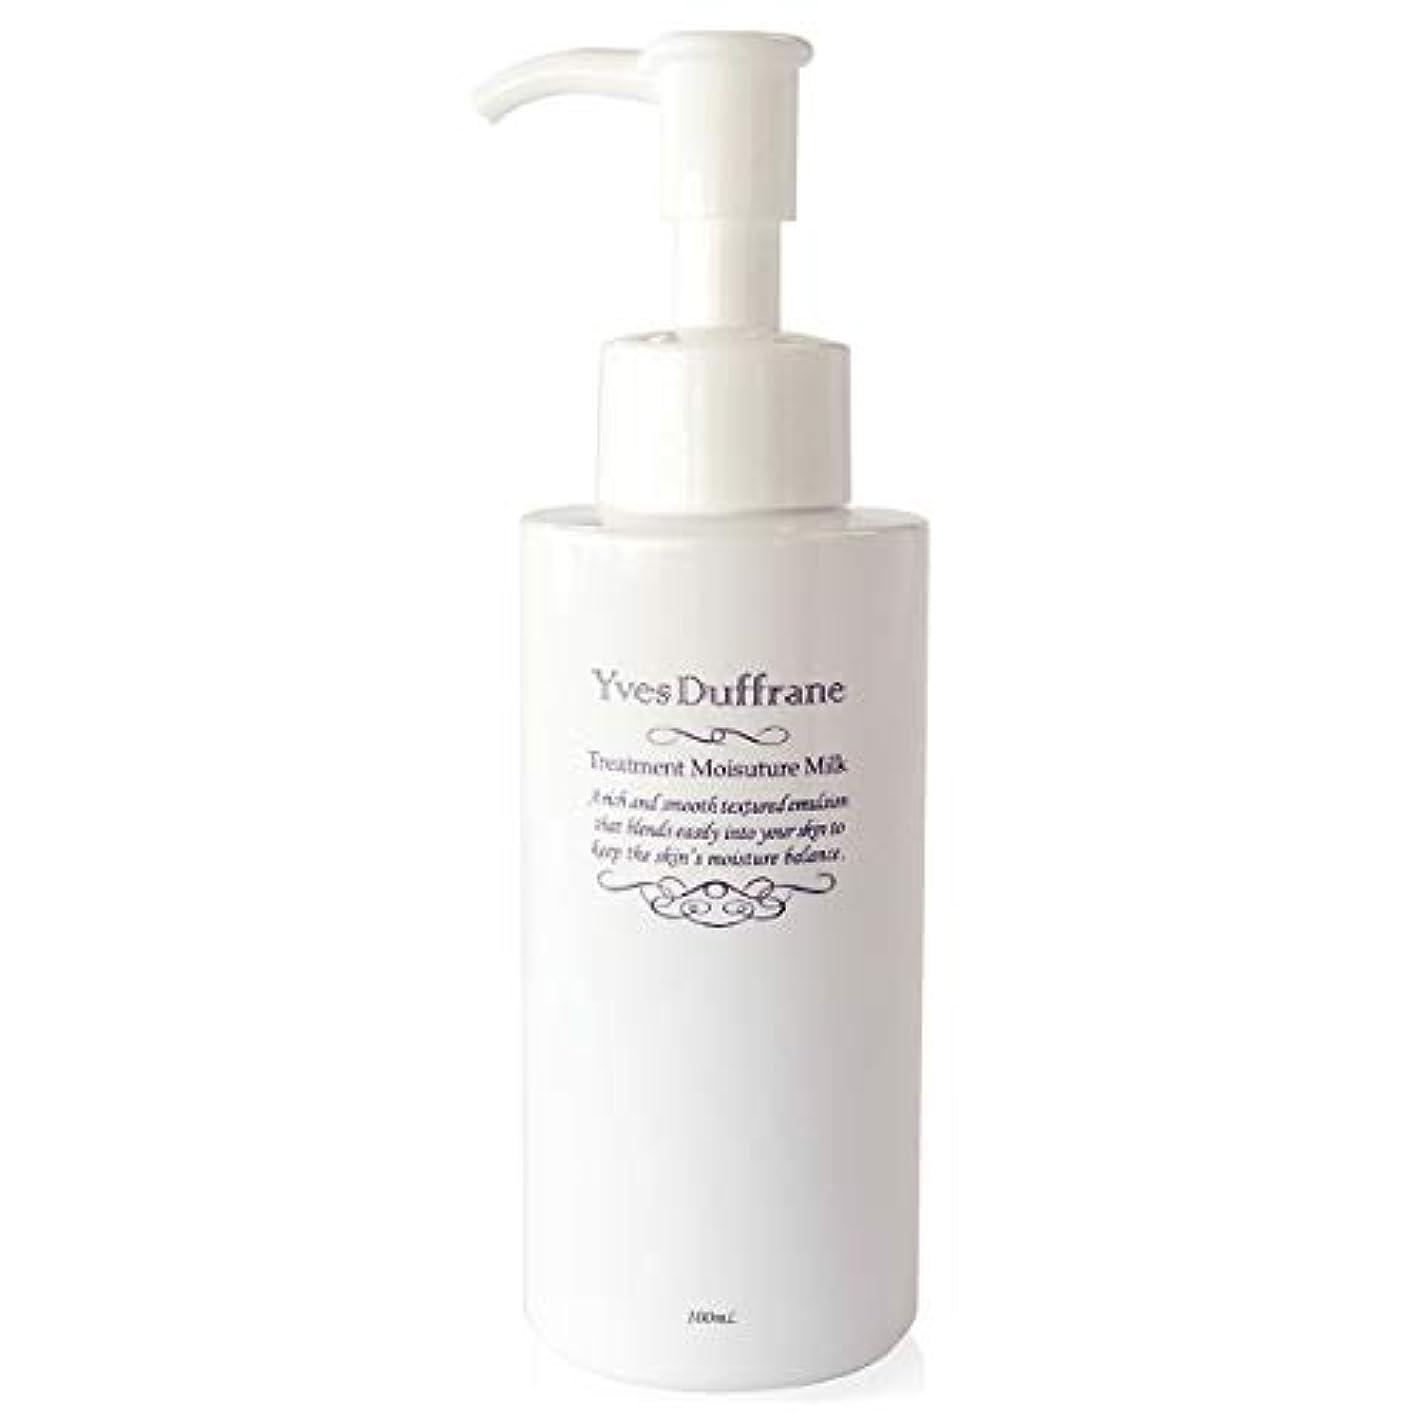 技術的な生産的思いやり乳液/セラミド アミノ酸 配合 [ 美容乳液 ] 増粘剤不使用 保湿 乾燥?敏感肌対応